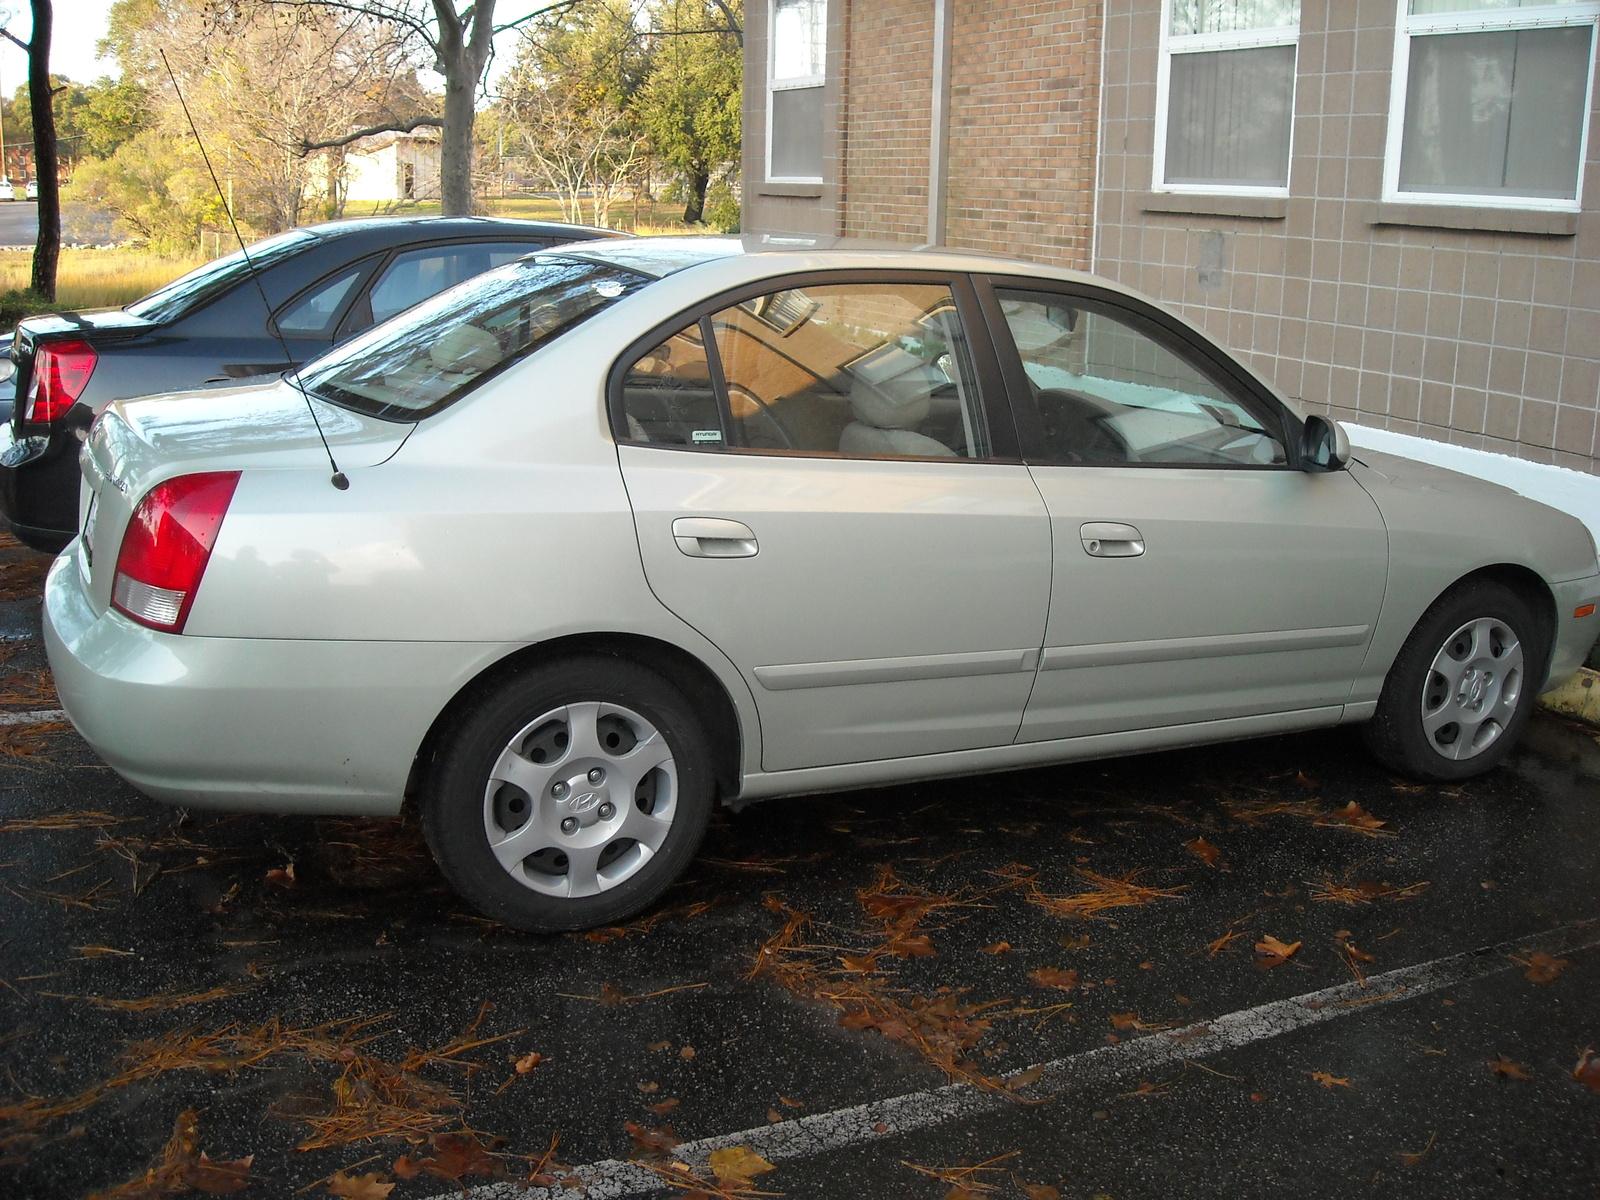 2003 Hyundai Elantra Pictures Cargurus